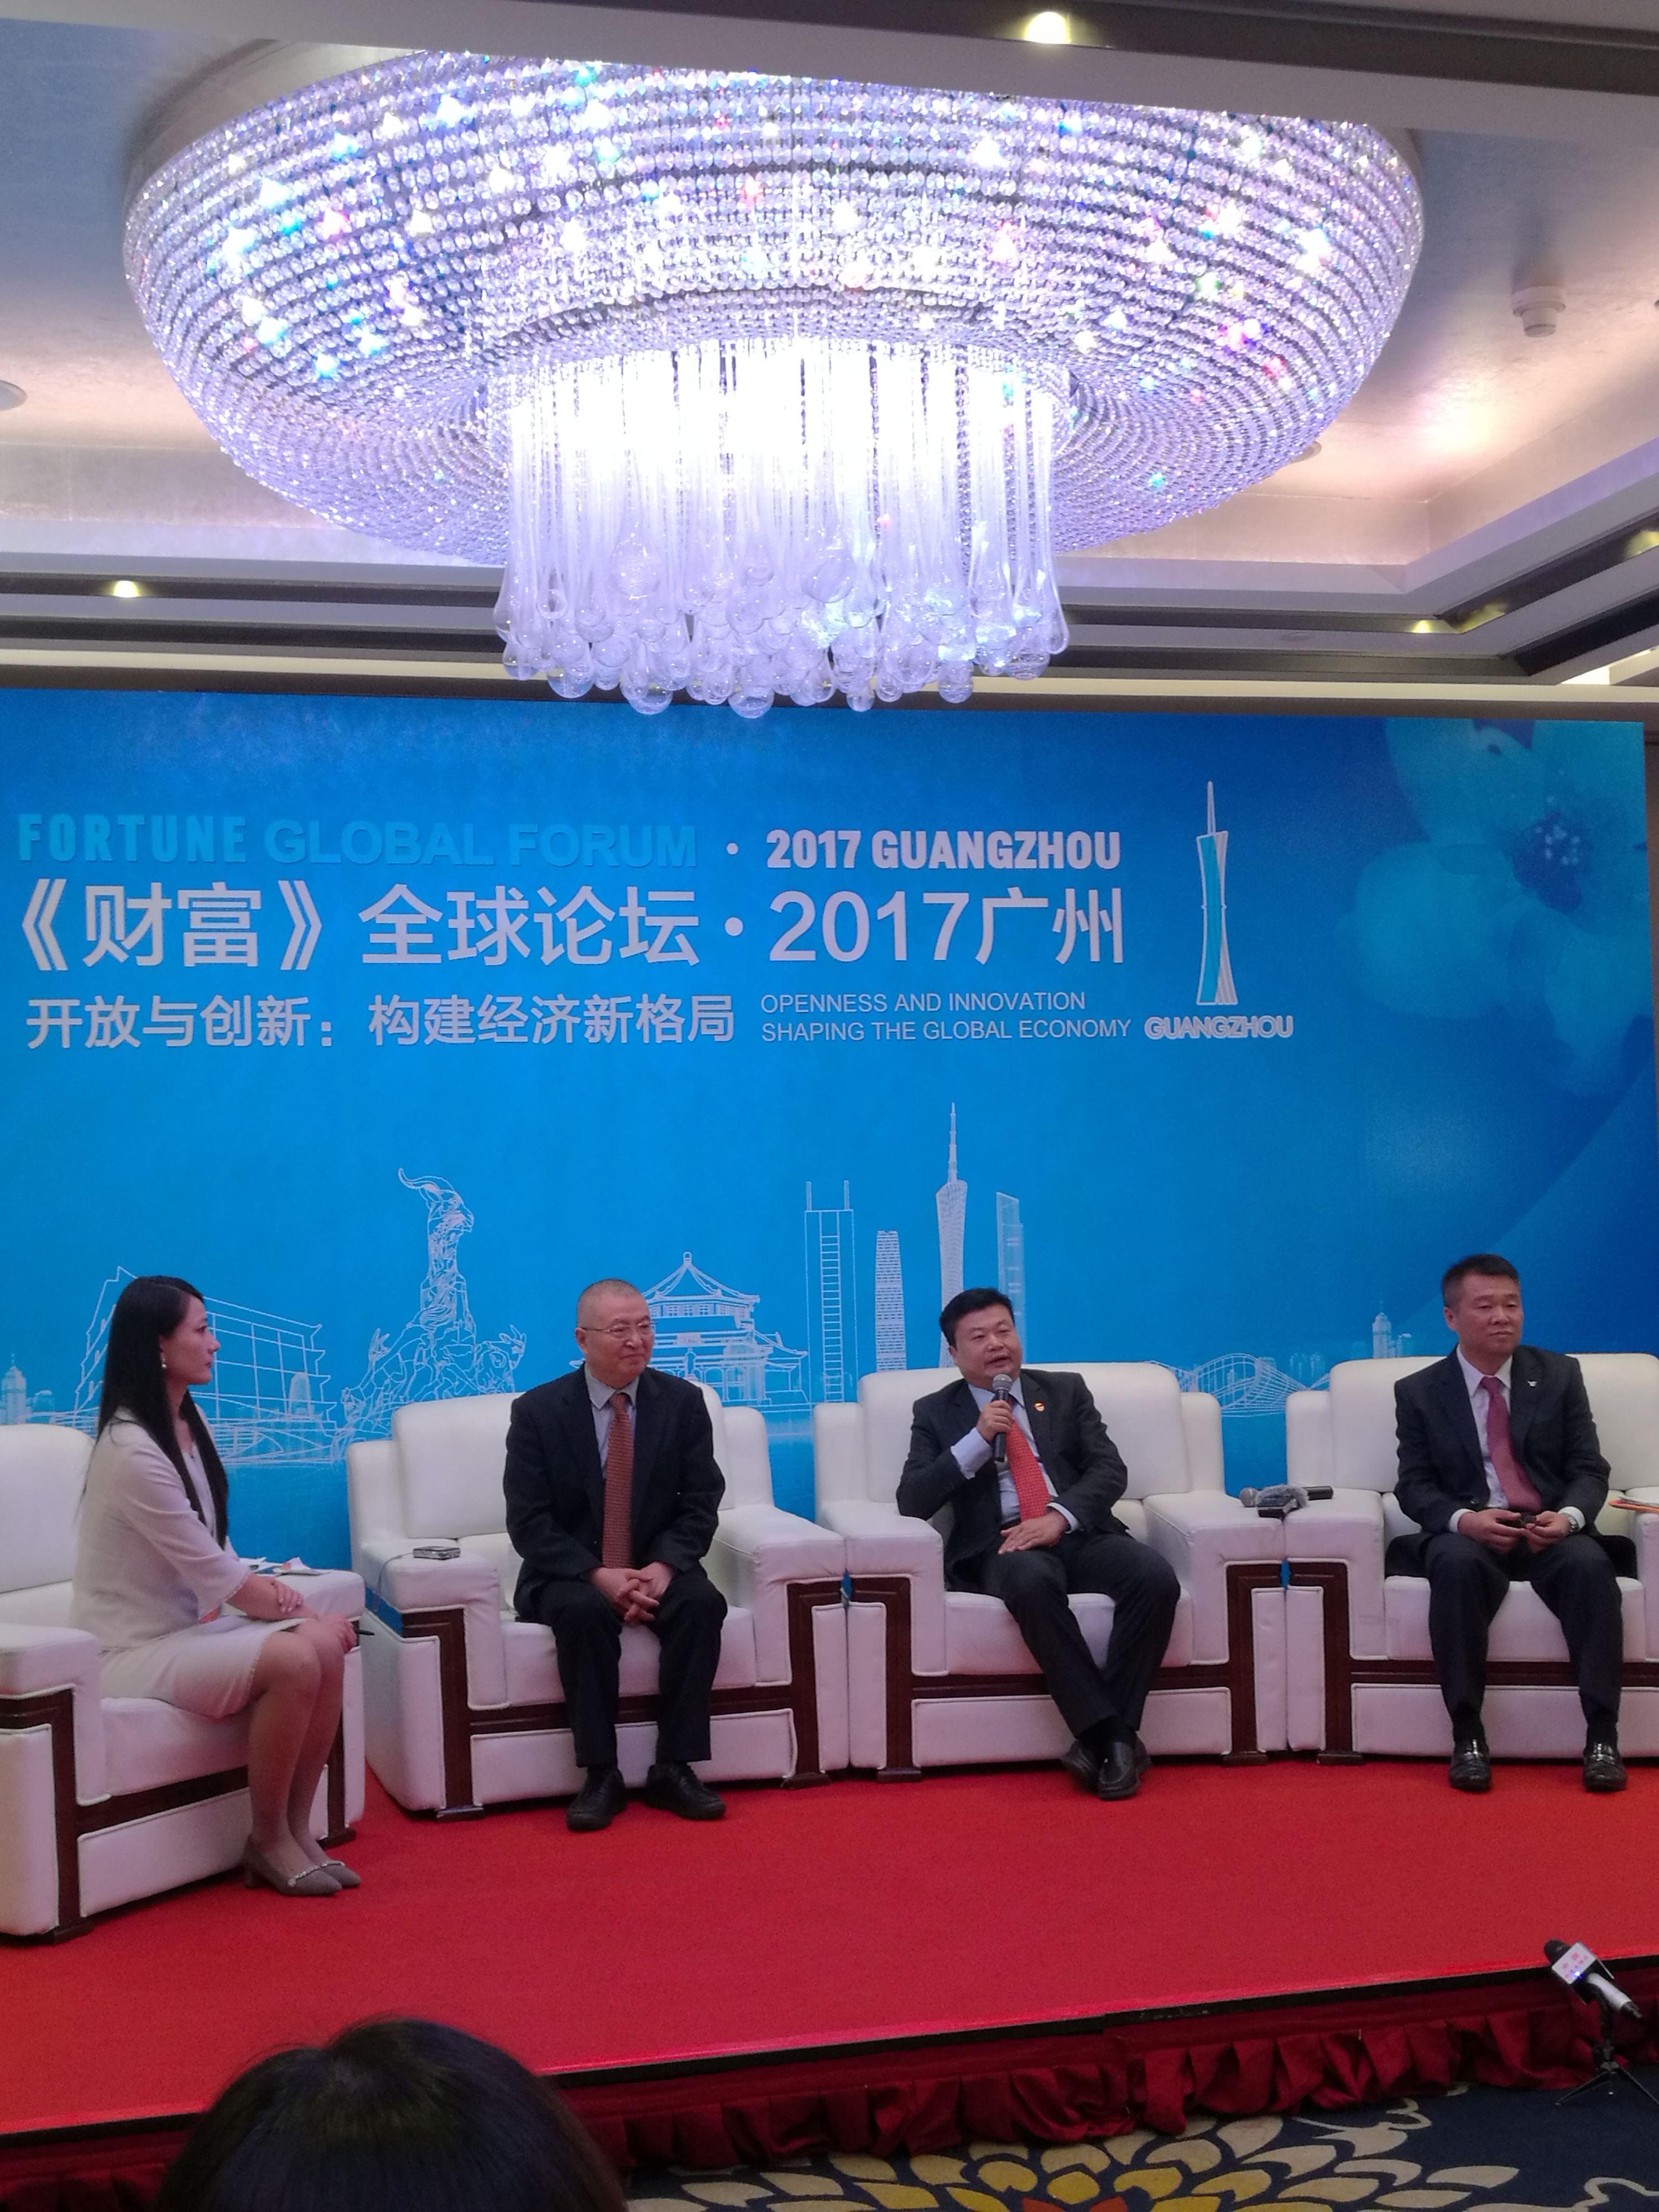 广药集团董事长李楚源(从左往右,第三位)